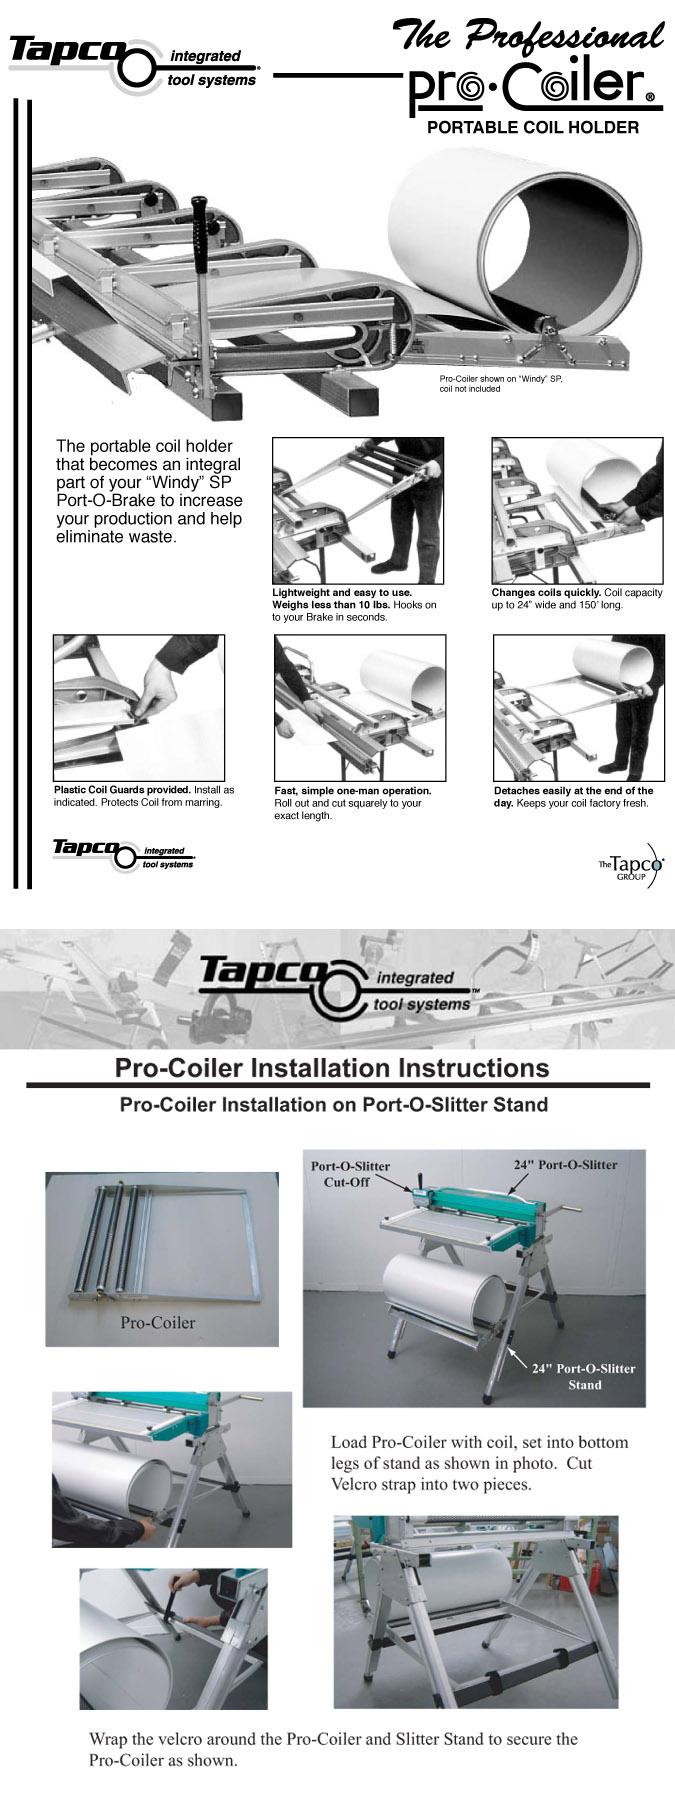 Tapco Pro Coiler